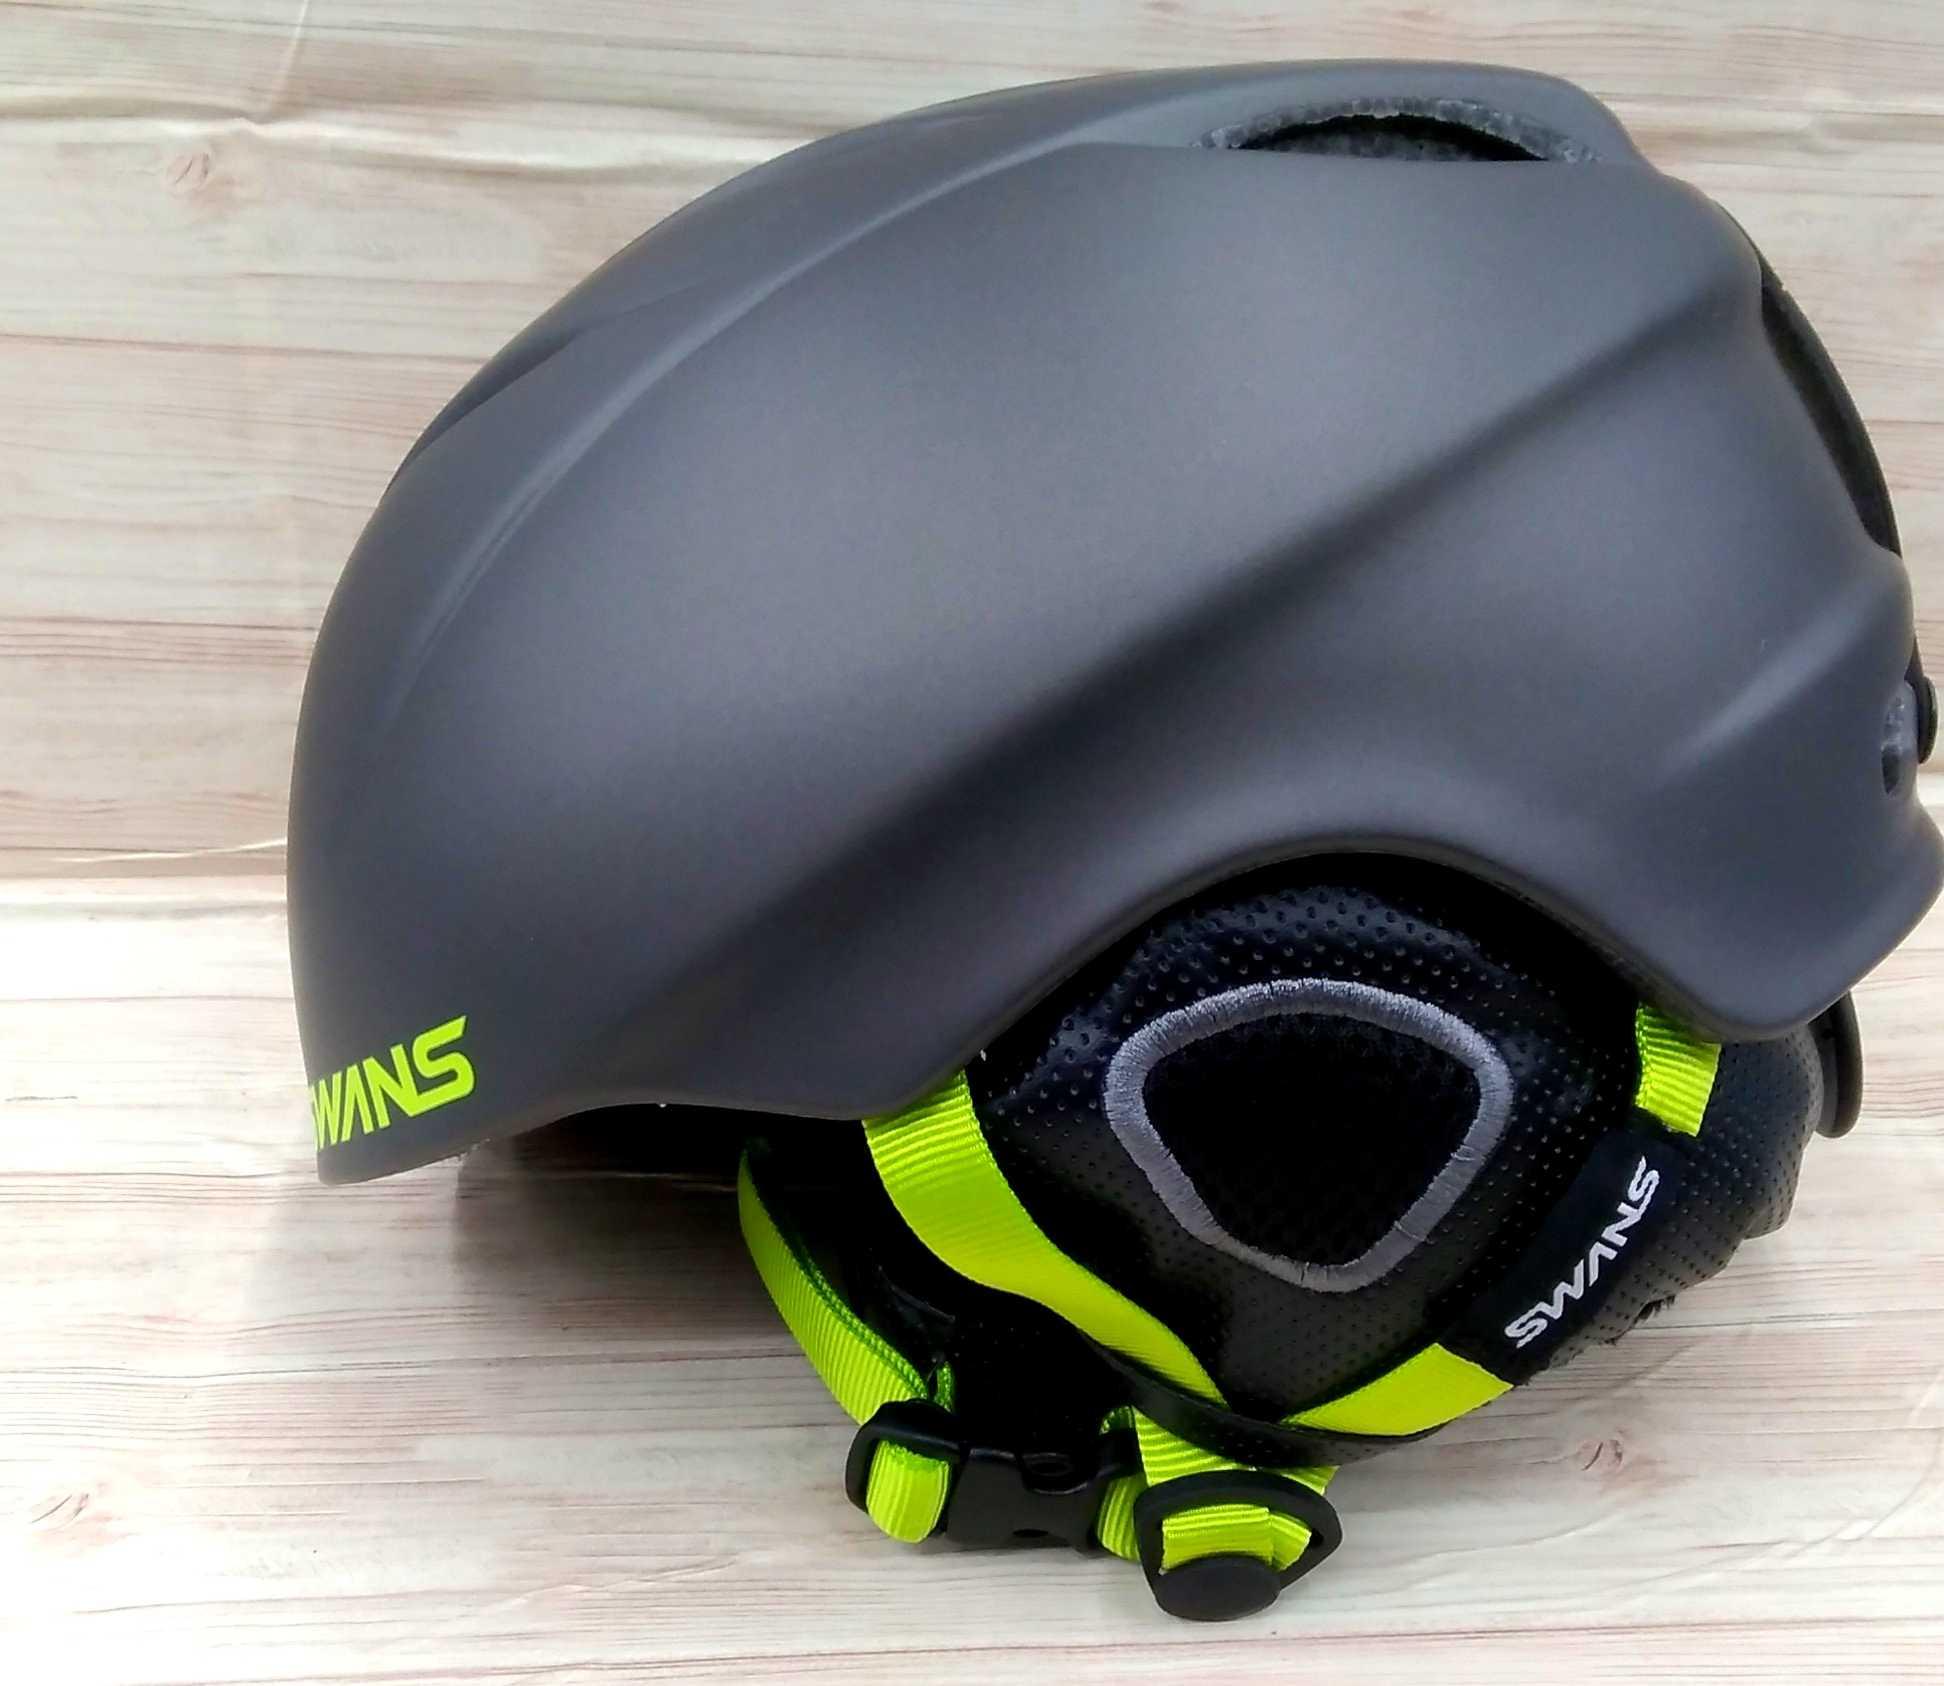 ウインタースポーツ用ヘルメット|SWANS